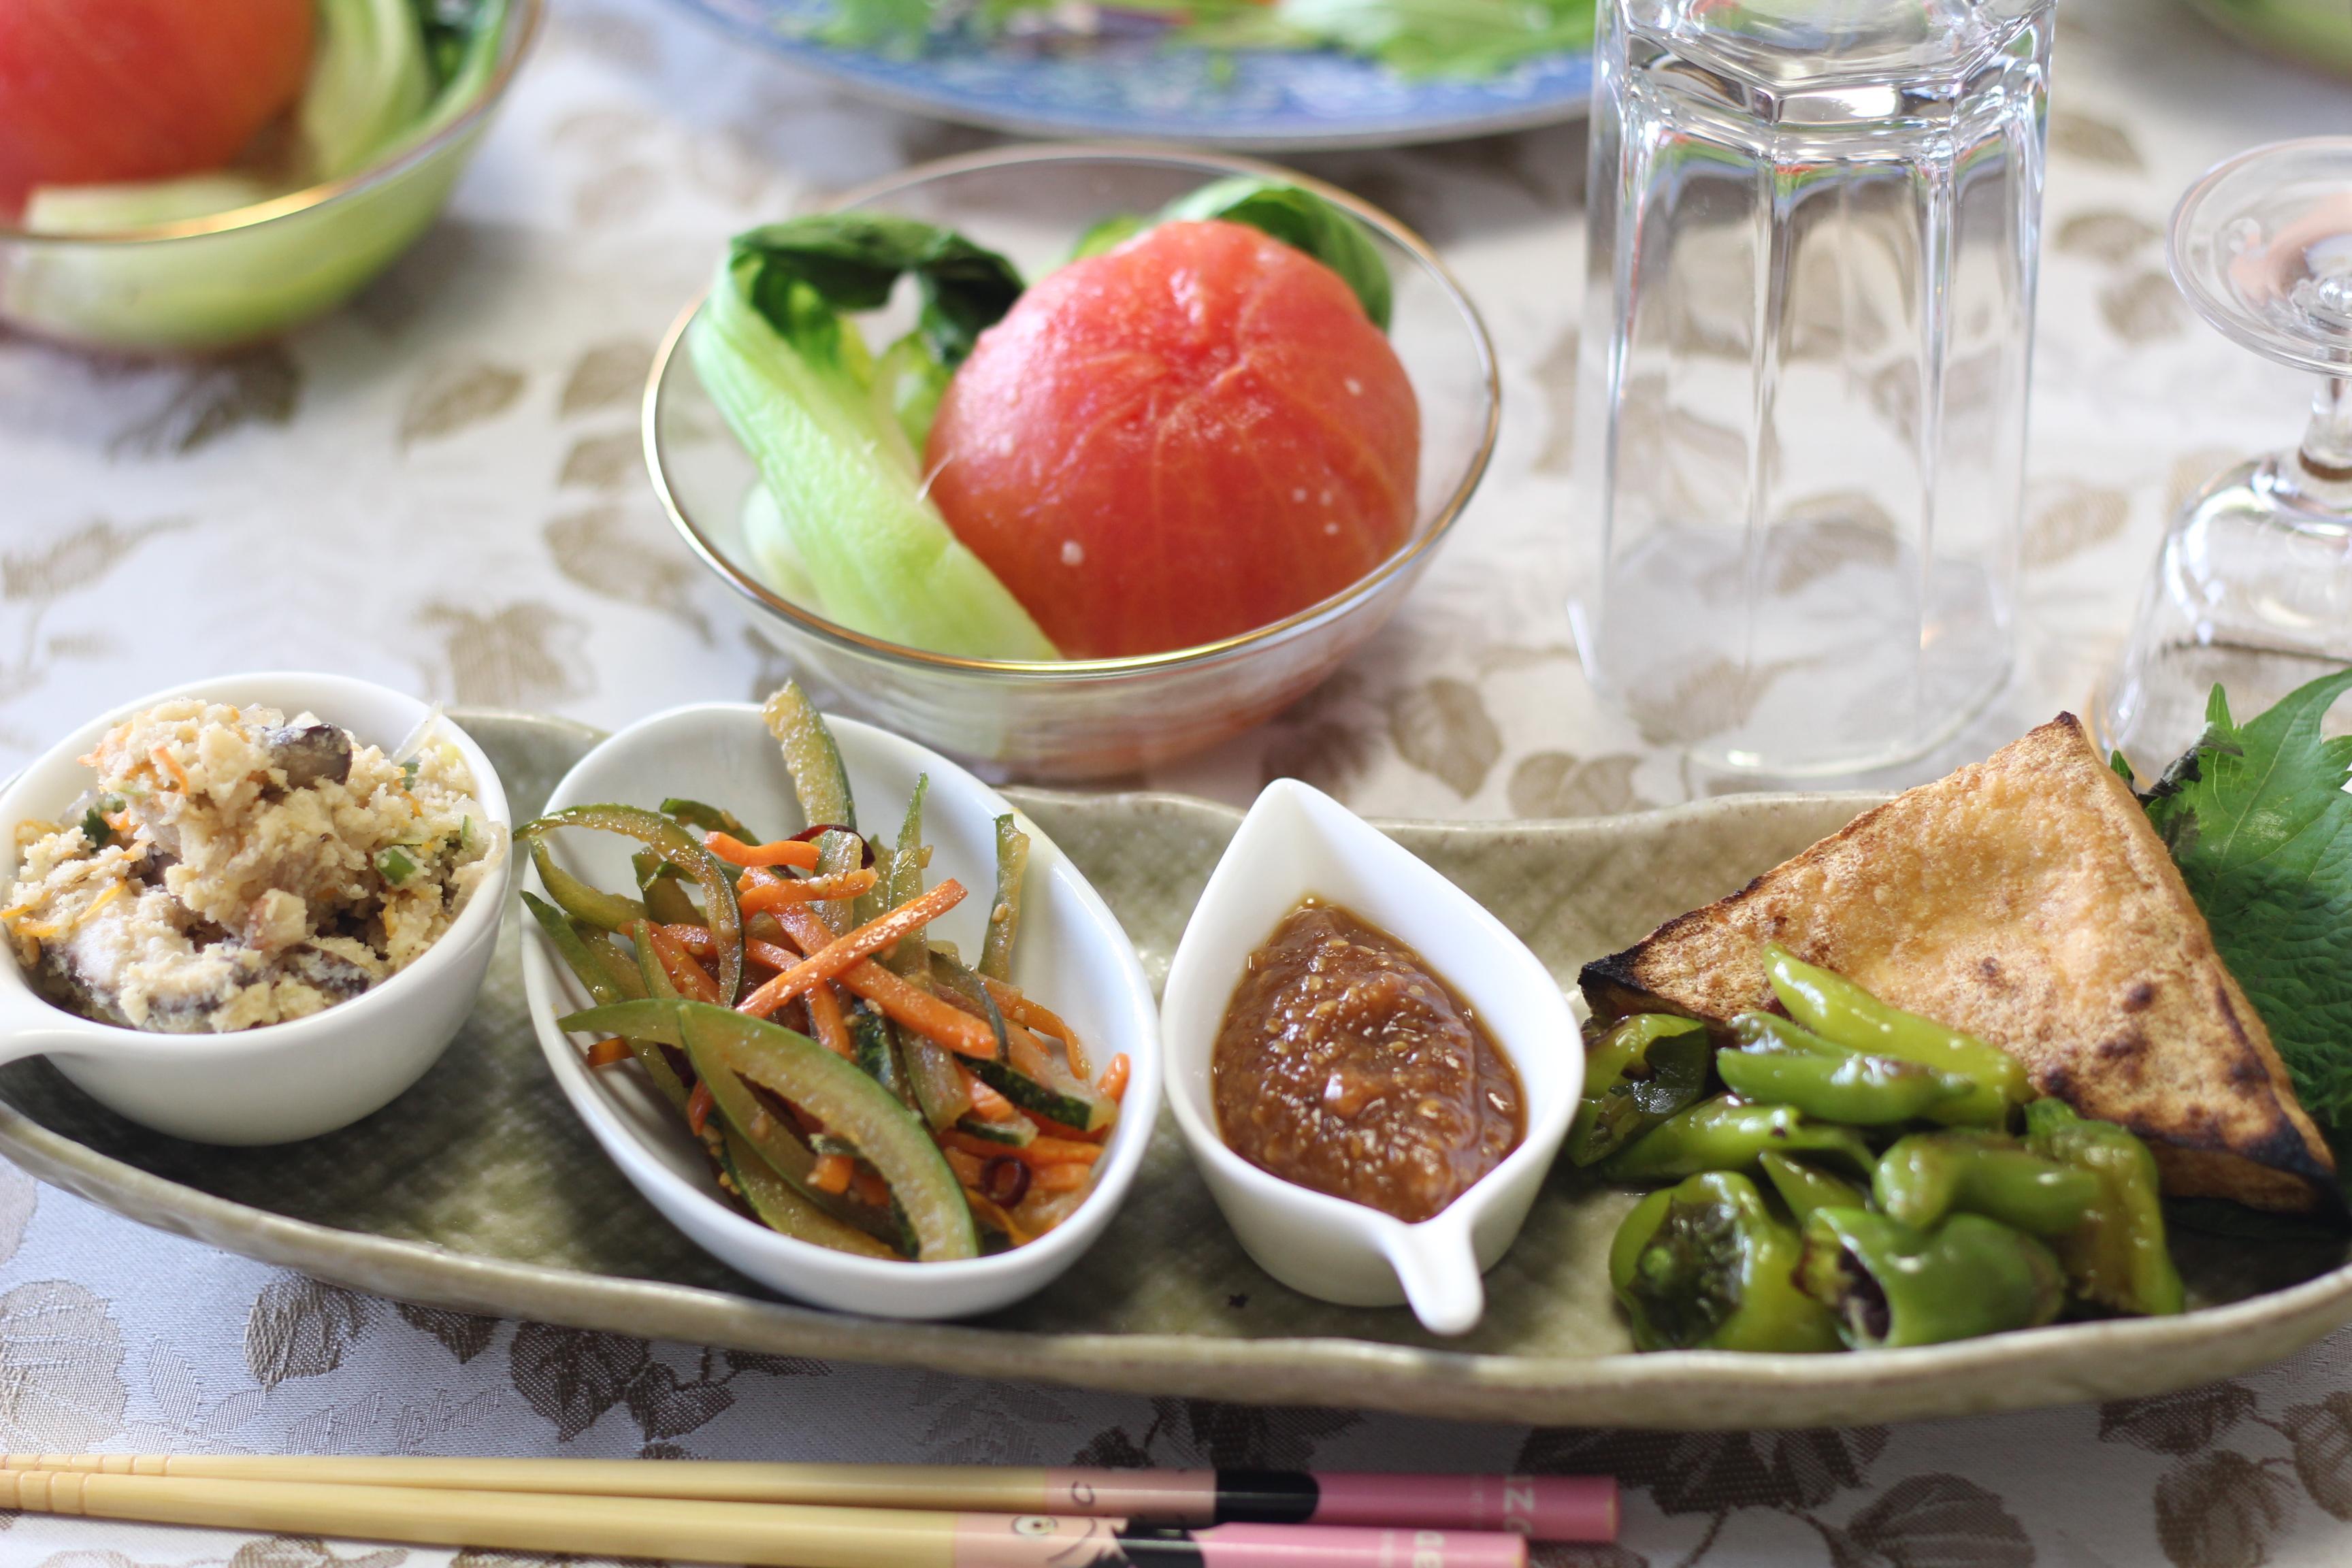 a-ta-sante糖質制限パン料理教室、阿倍野区西田辺。低糖質のお料理でおもてなし、ホームパティー。京都江部粉糖質制限パン料理教室。